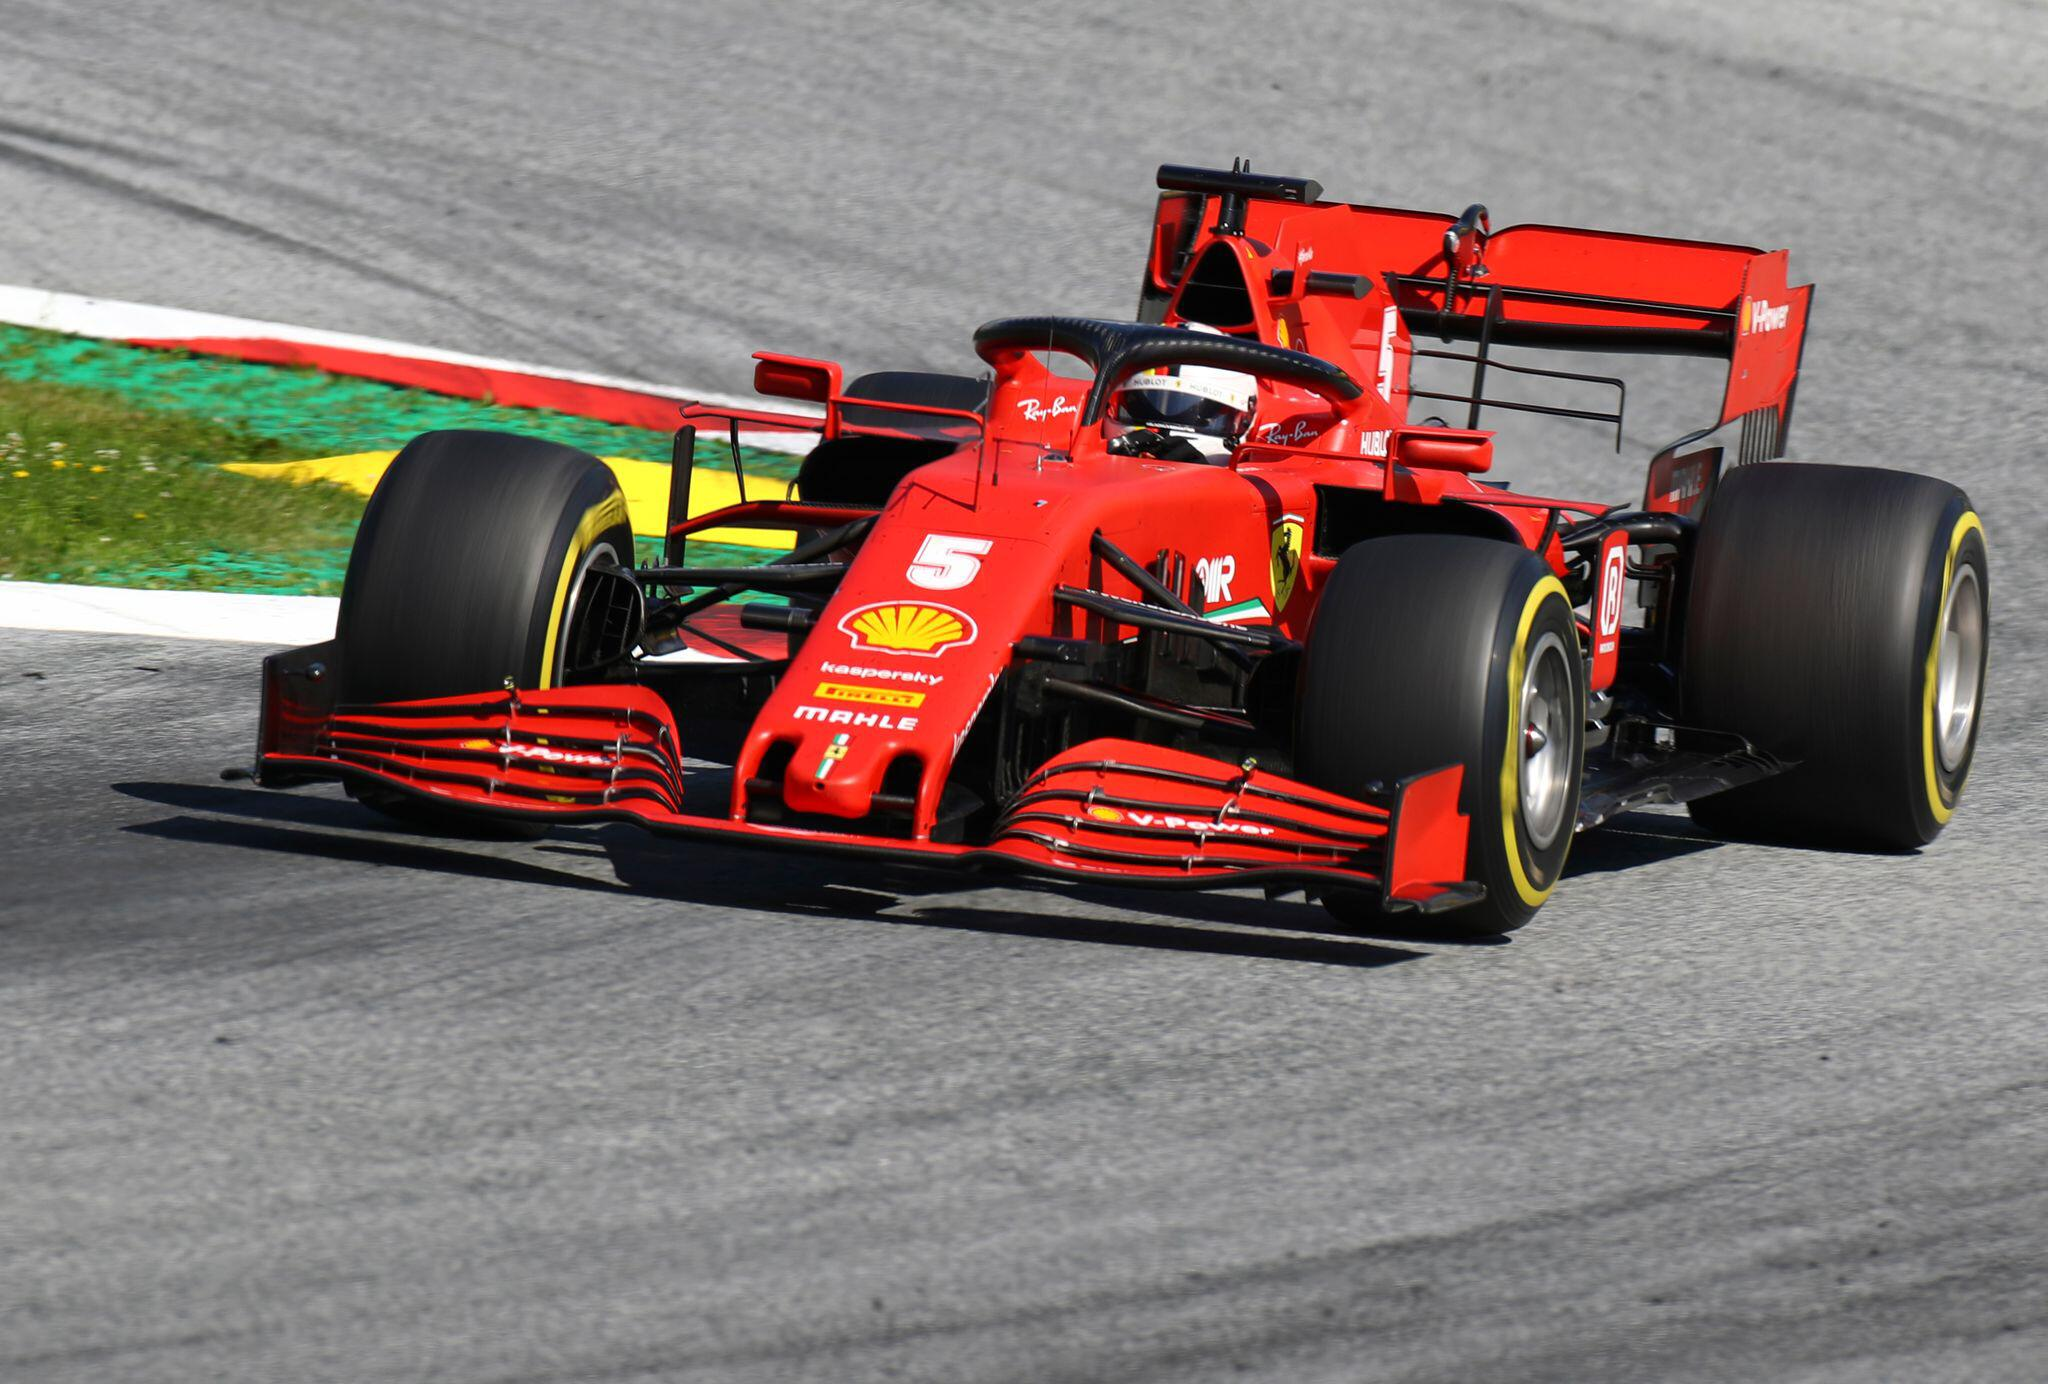 Bild zu Formel 1 - Großer Preis von Österreich